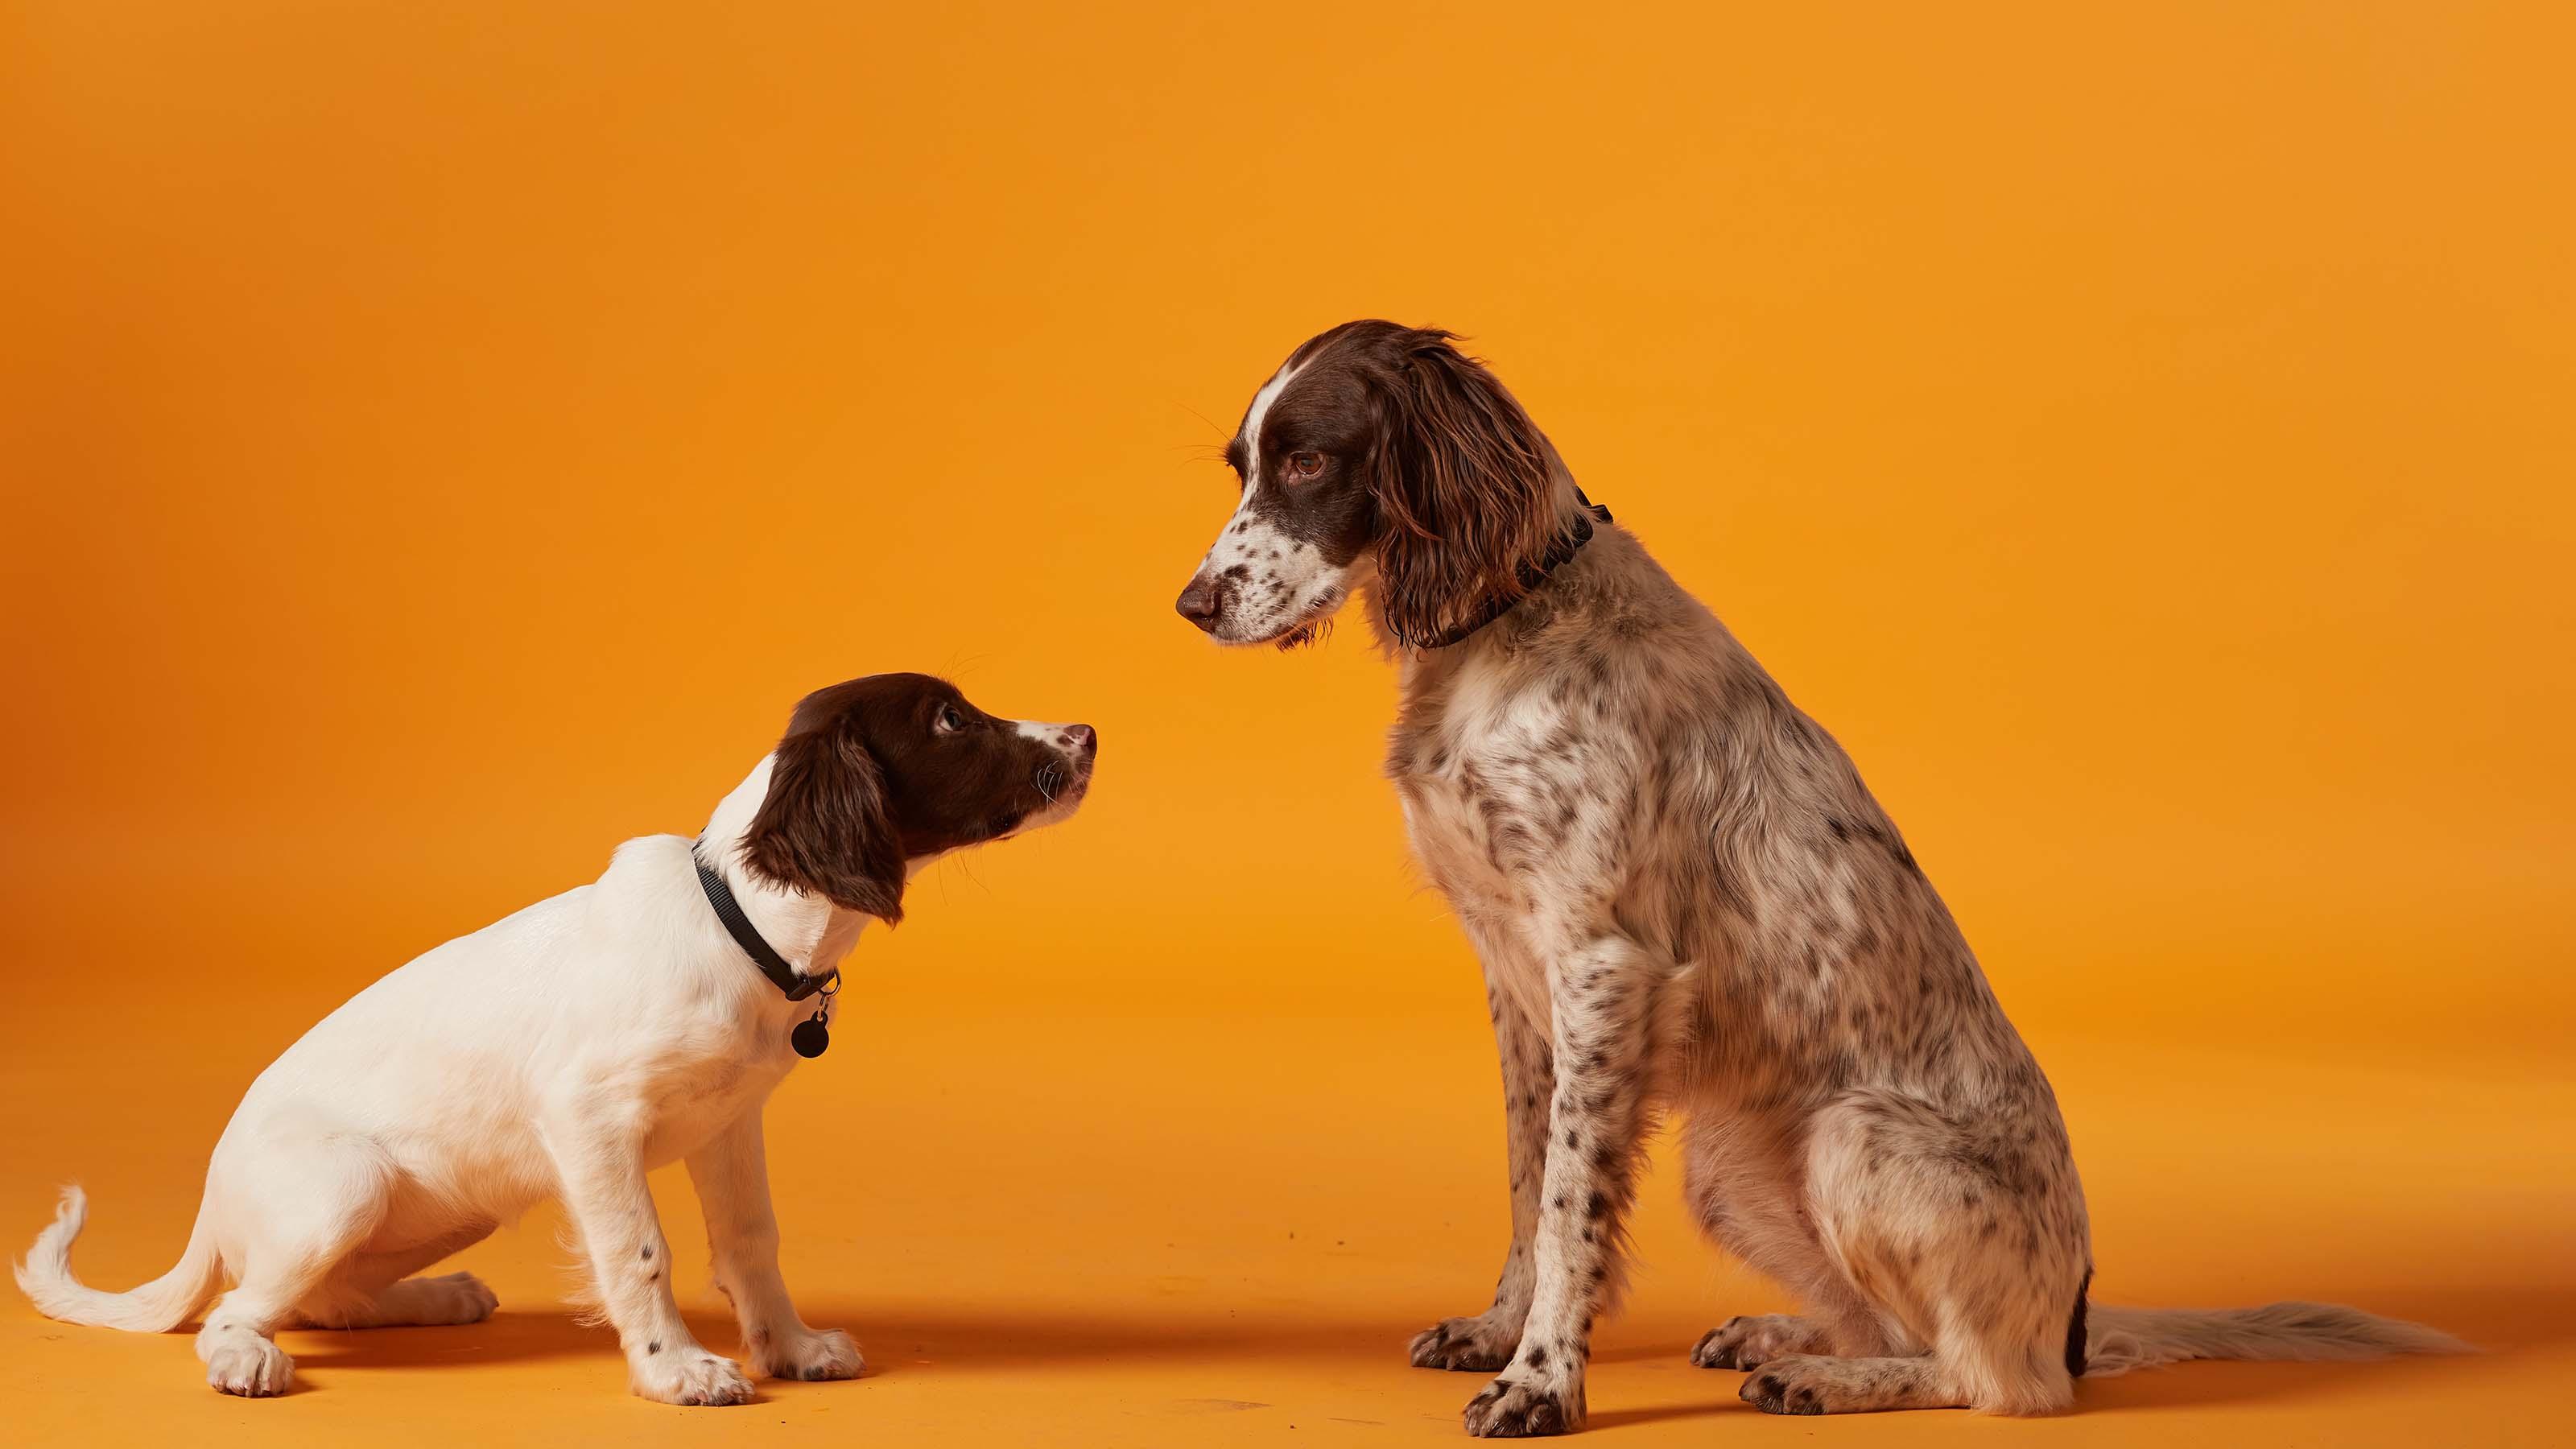 vac4life pet health plans